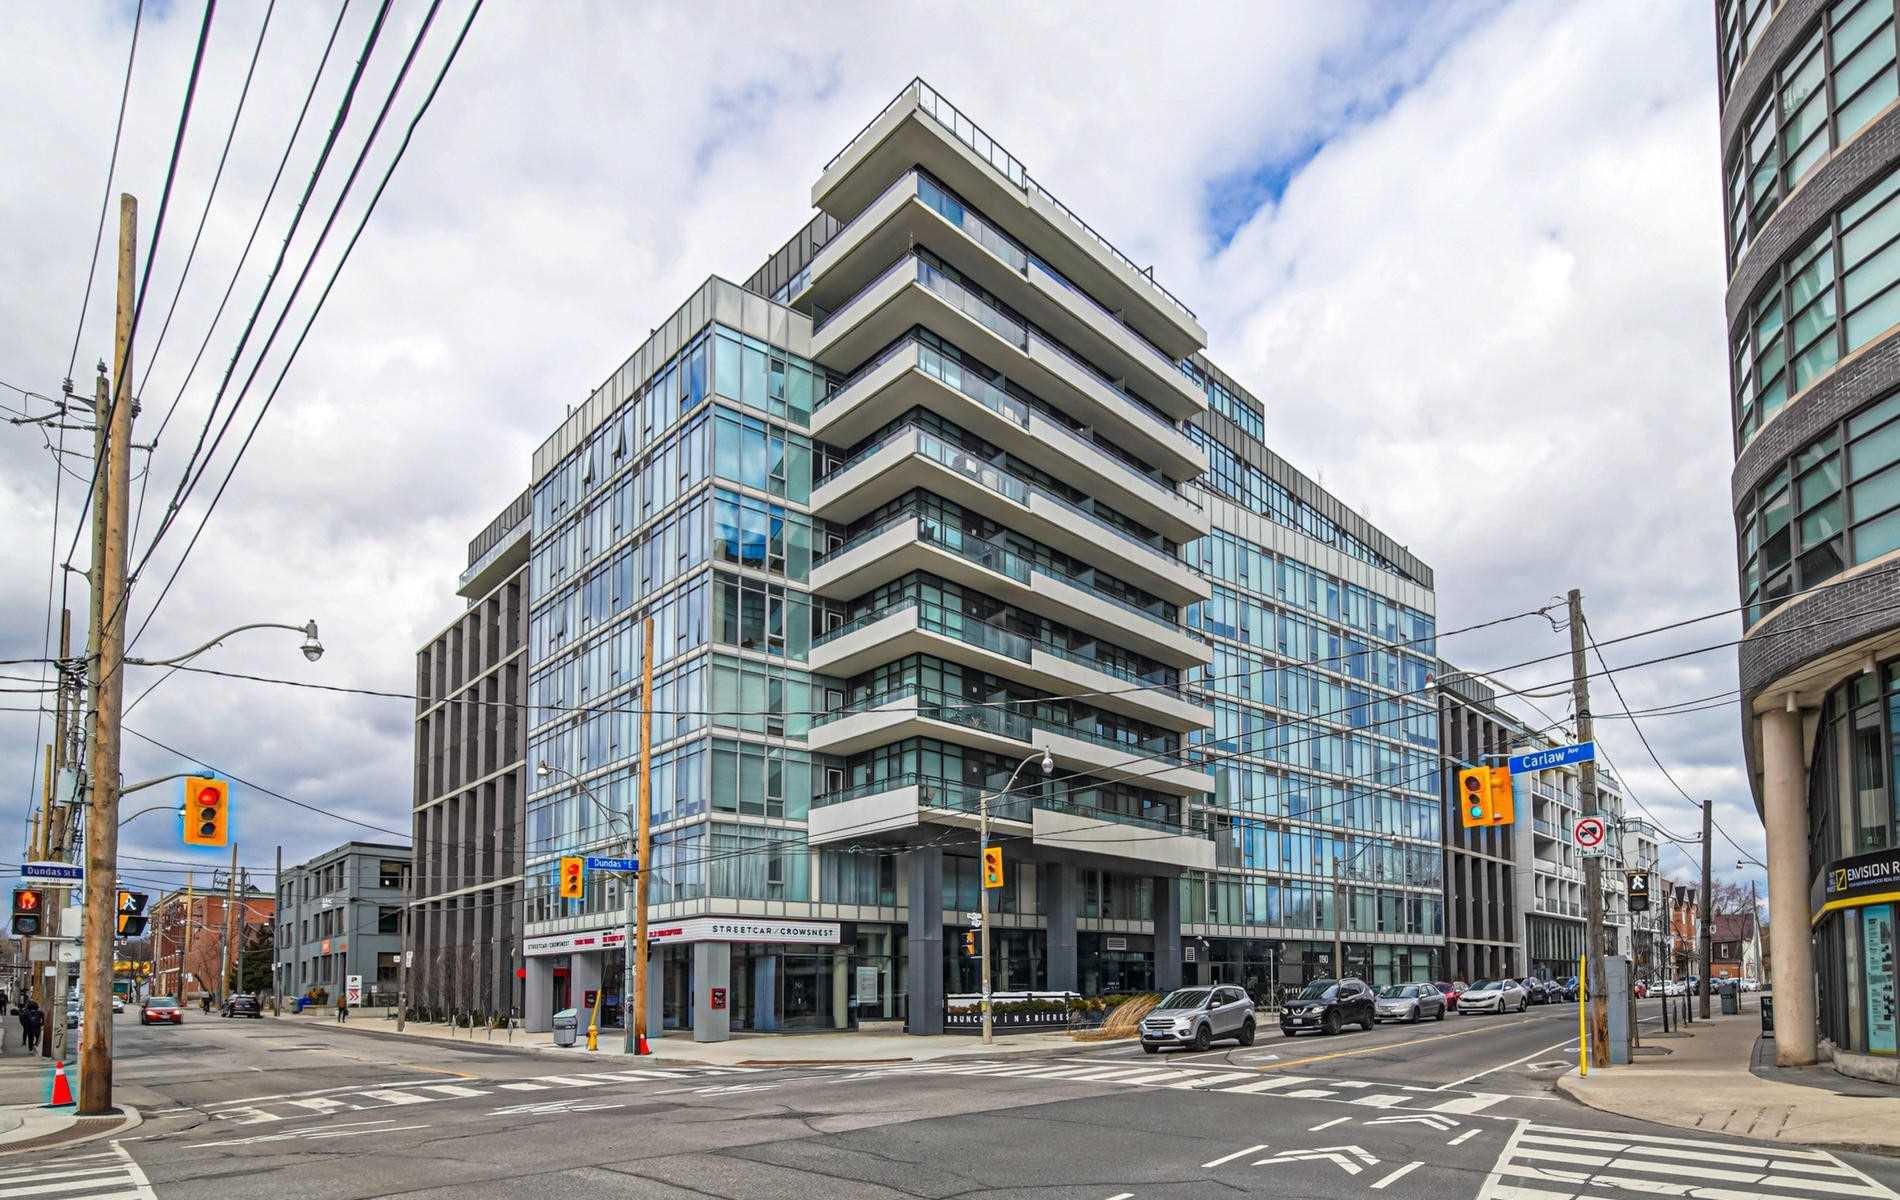 Photo 18: Photos: 702 1190 E Dundas Street in Toronto: South Riverdale Condo for sale (Toronto E01)  : MLS®# E4766173